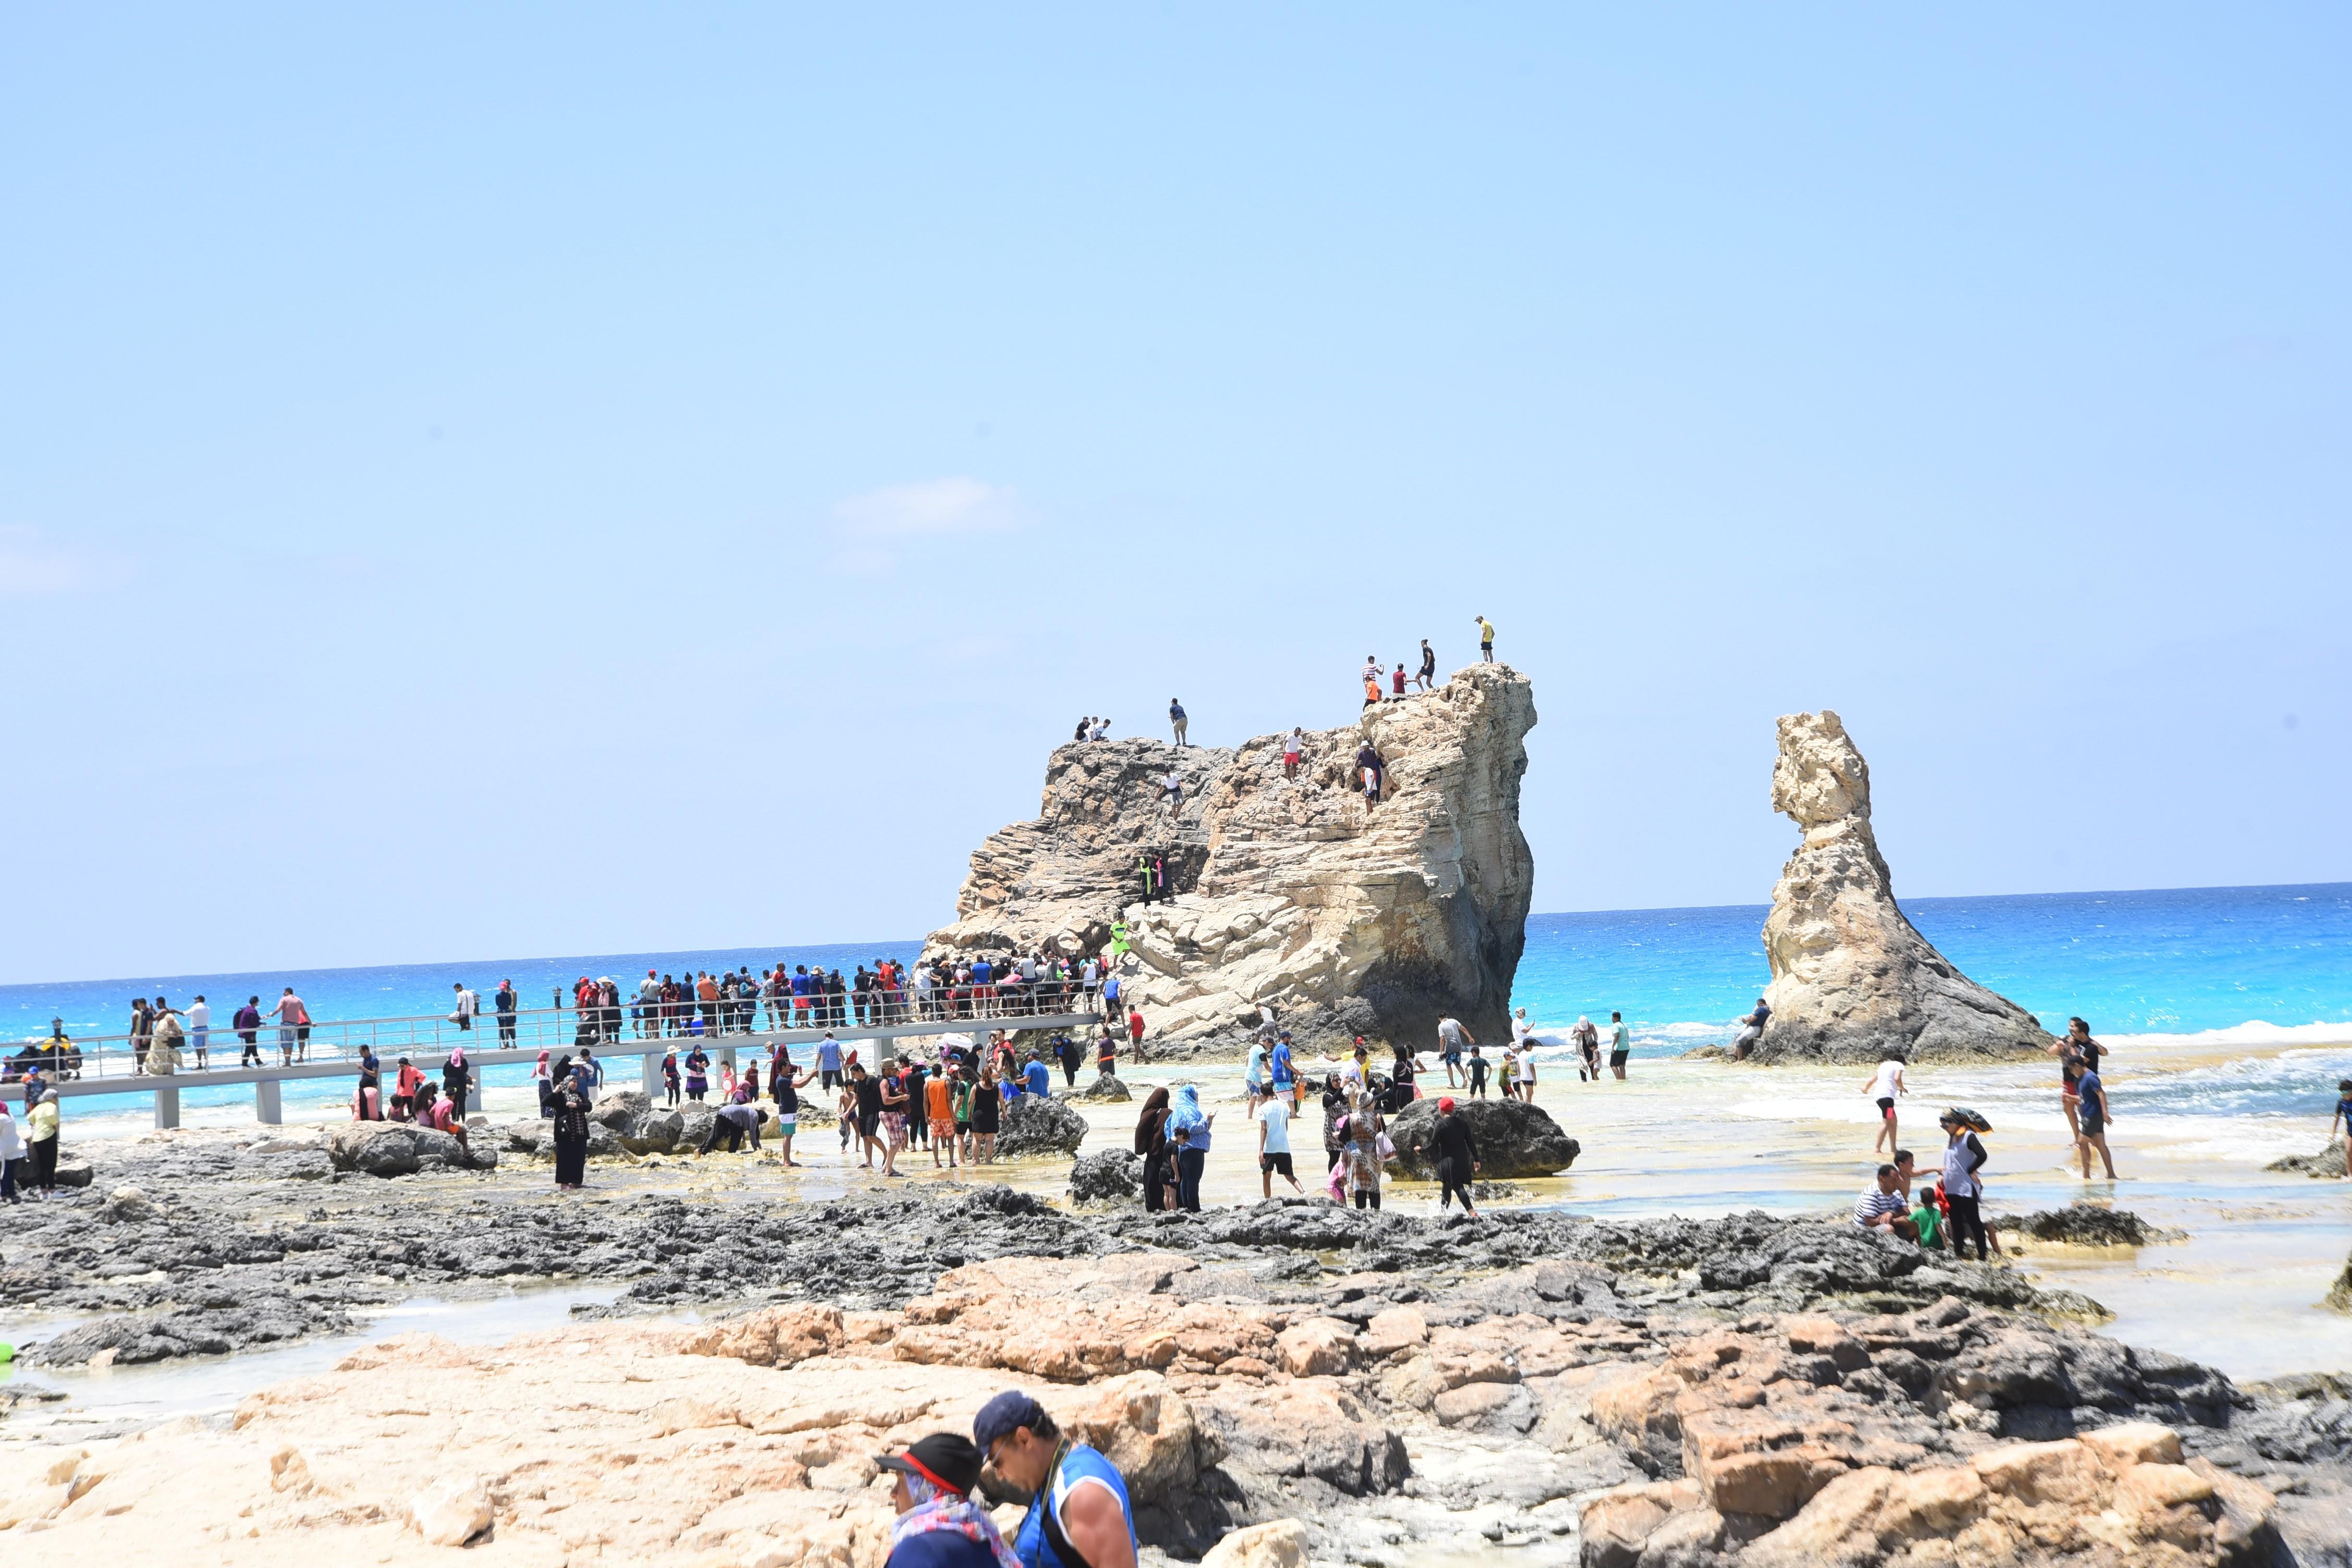 إقبال كبير من المصطافين على شواطئ مطروح (4)